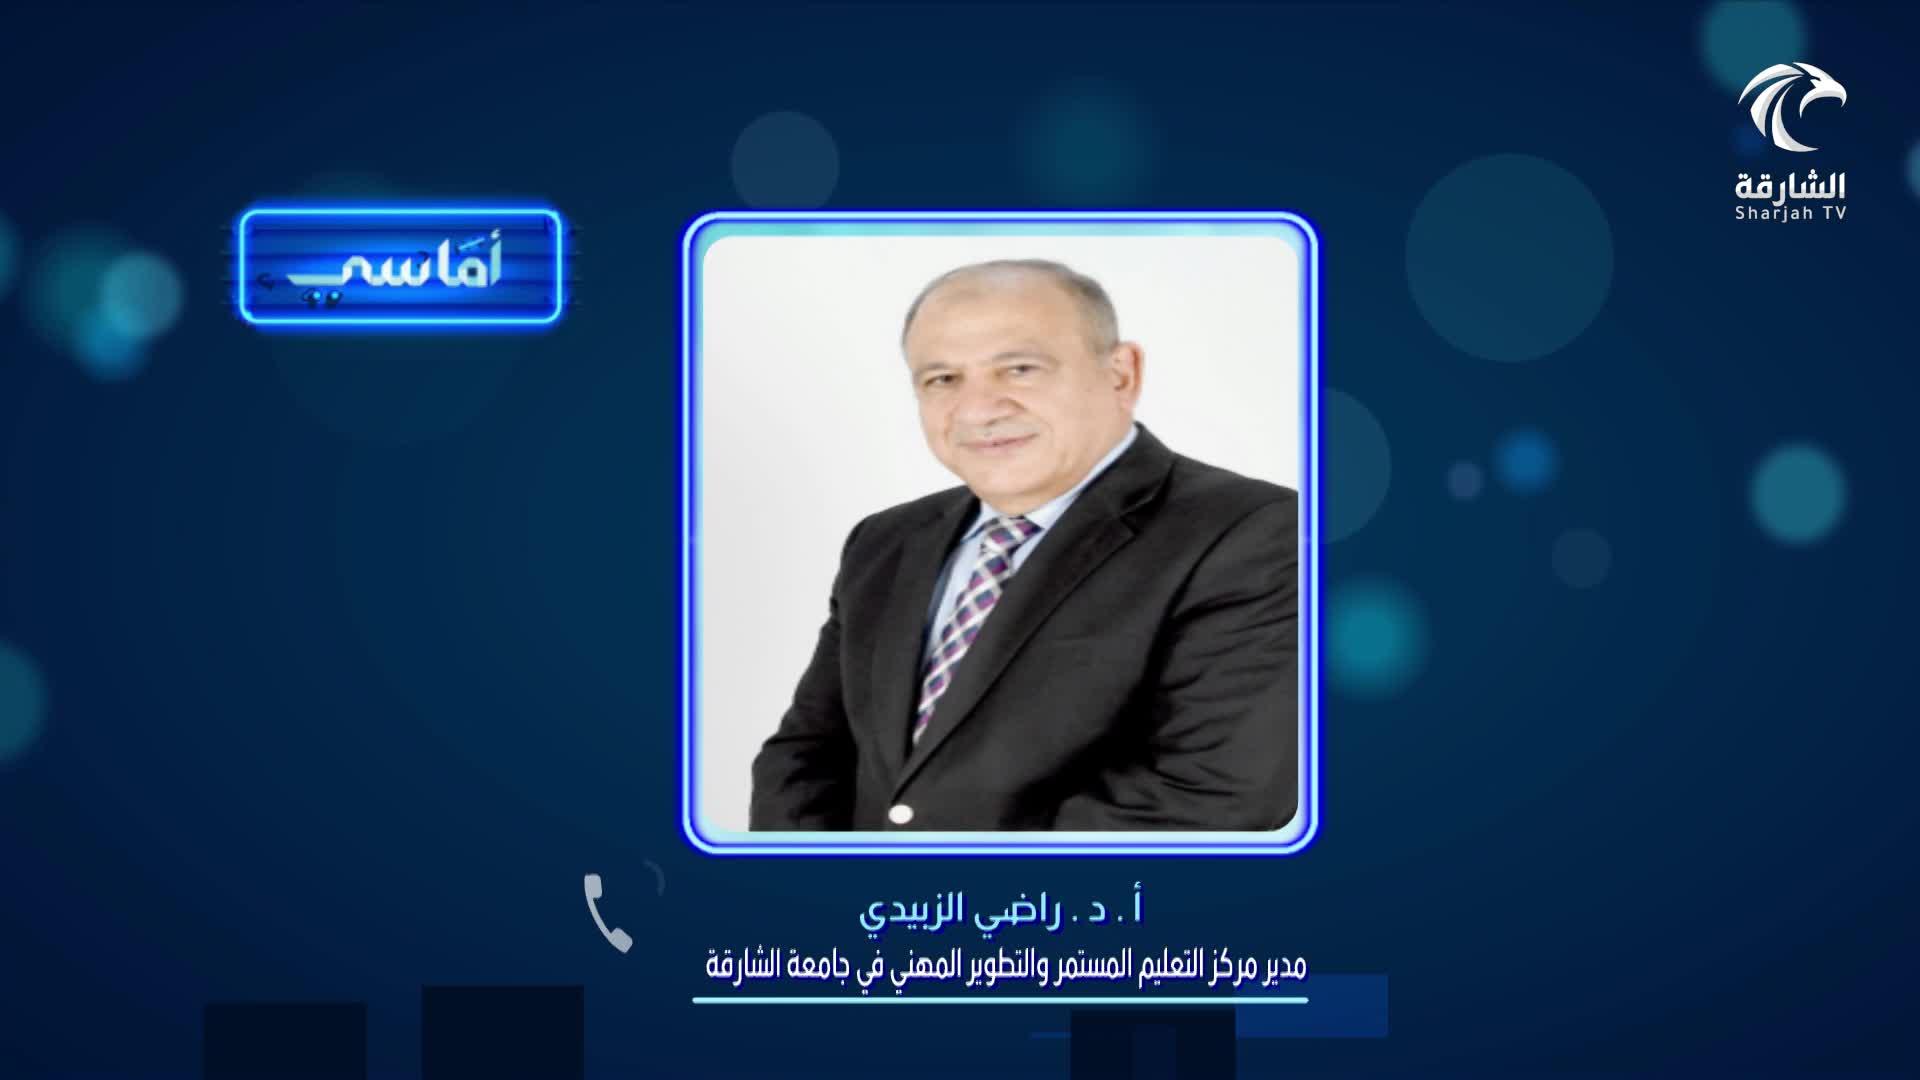 برنامج أماسي - البرلمان العربي للطفل